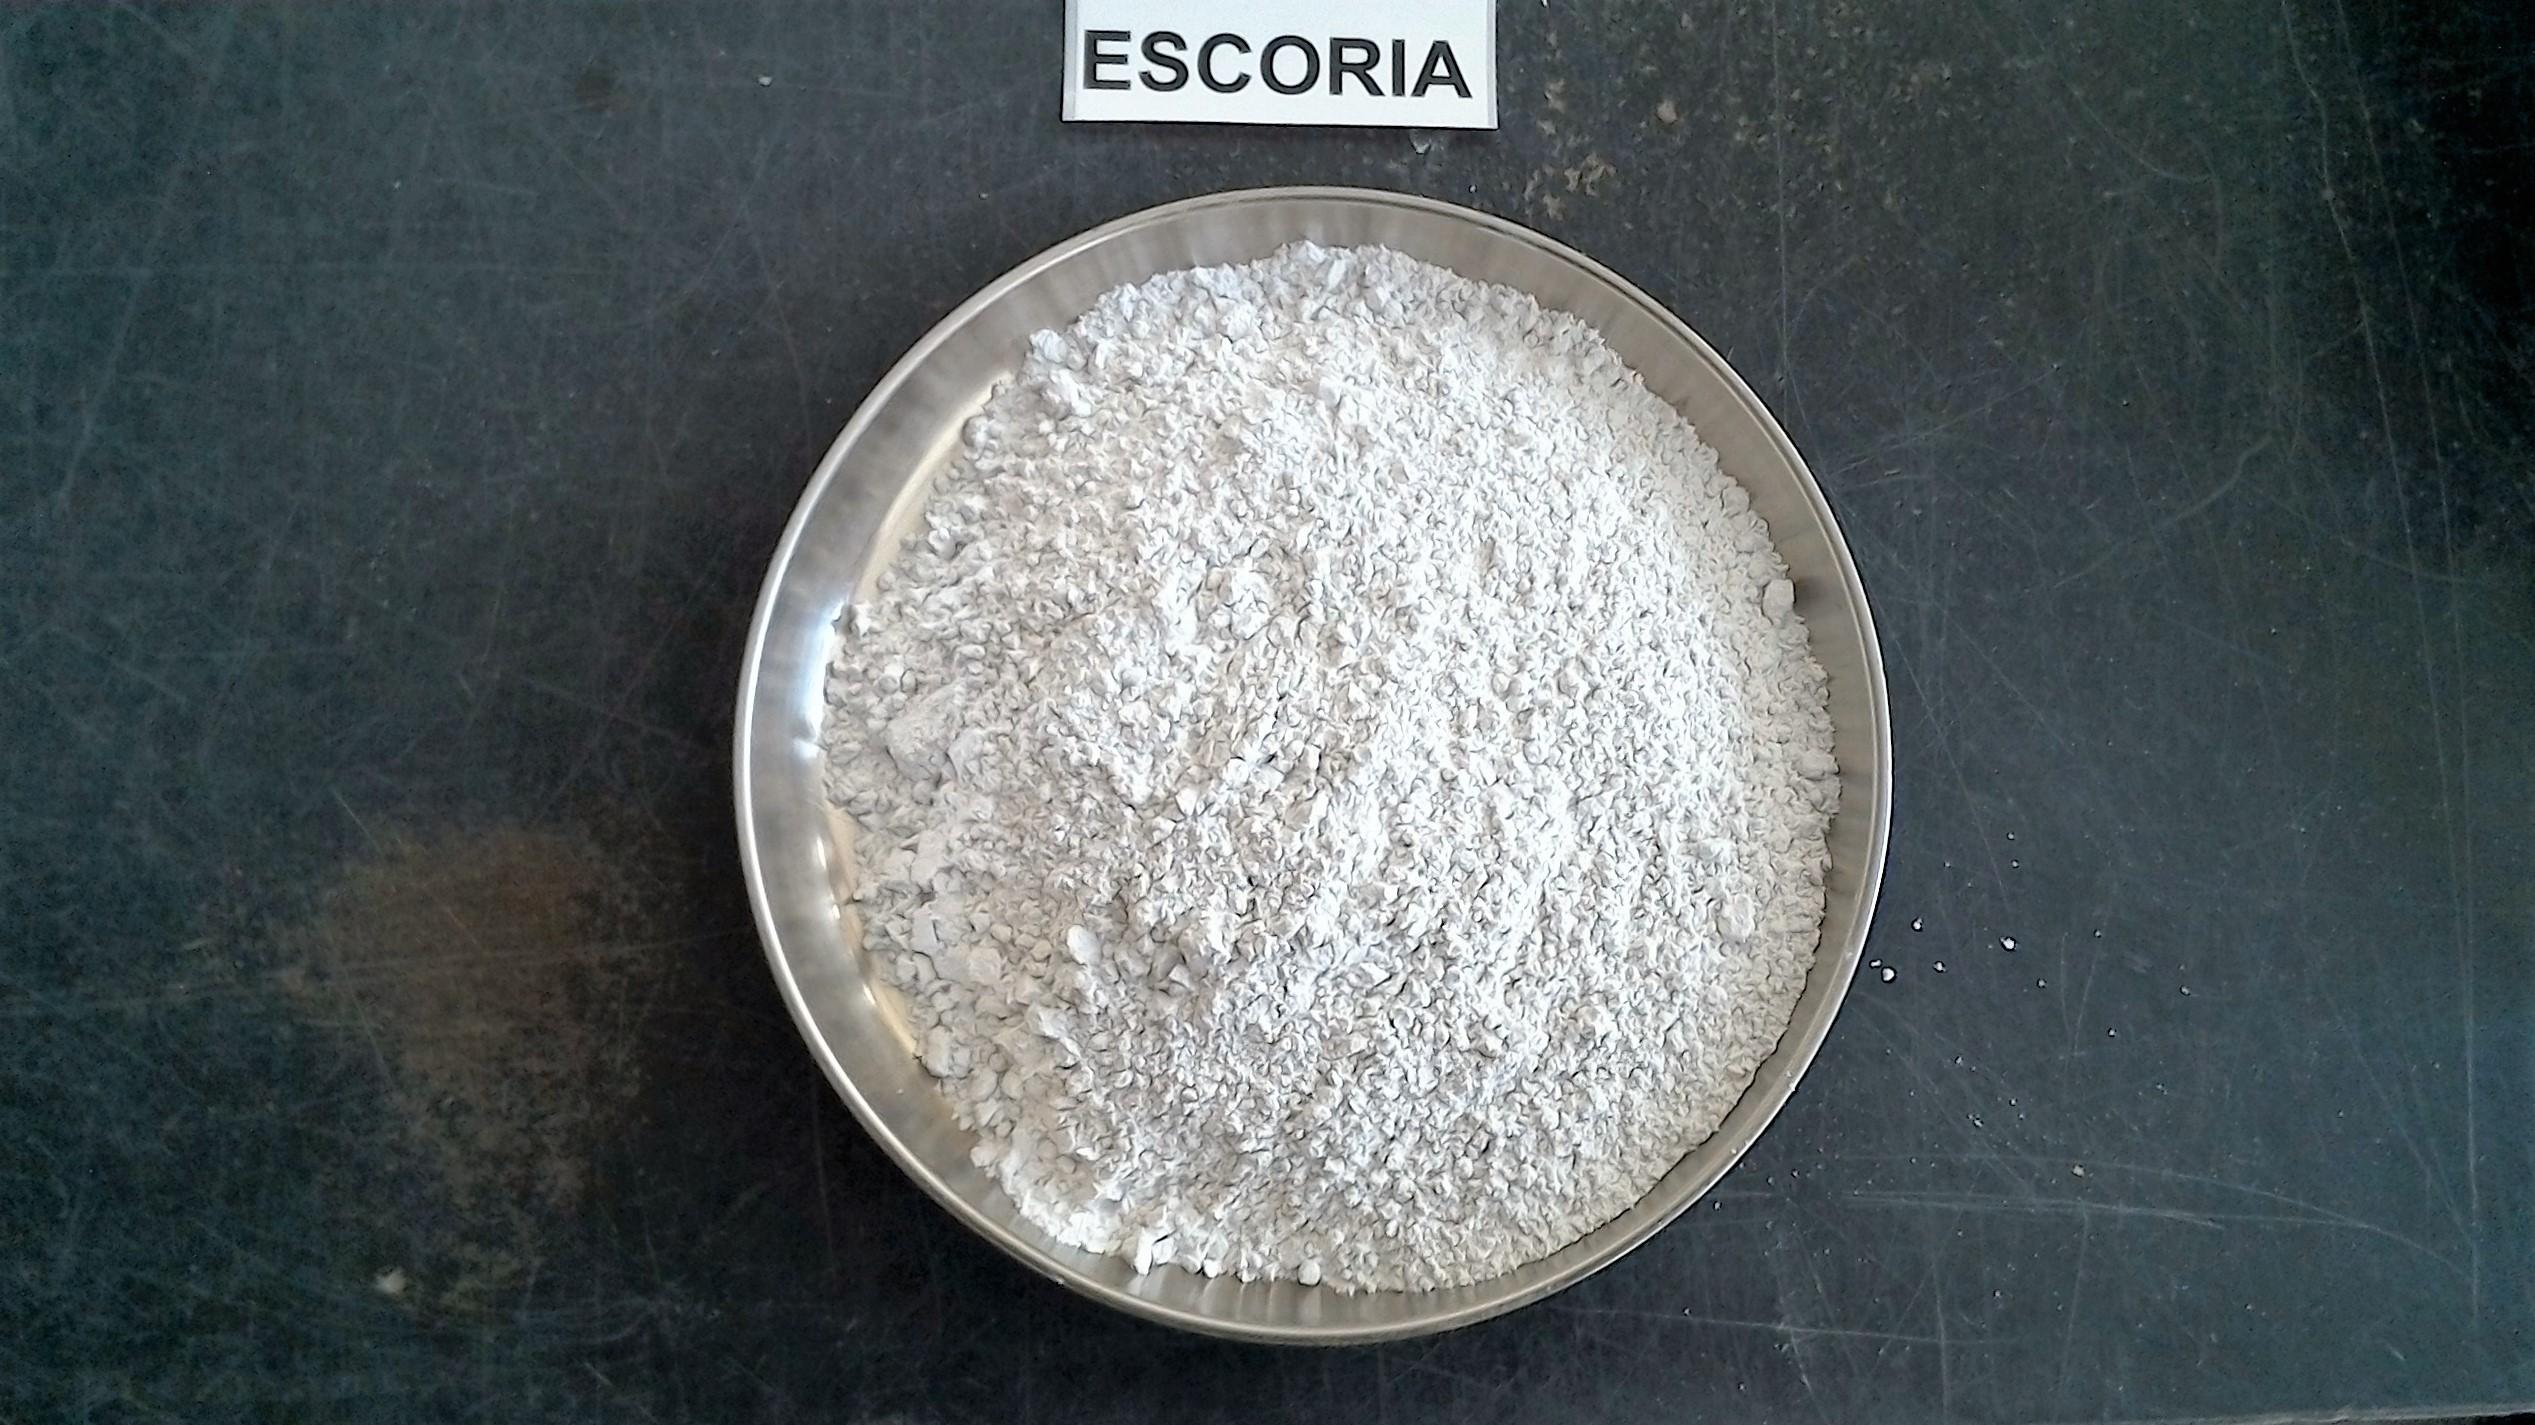 Foto 10. ESCORIA